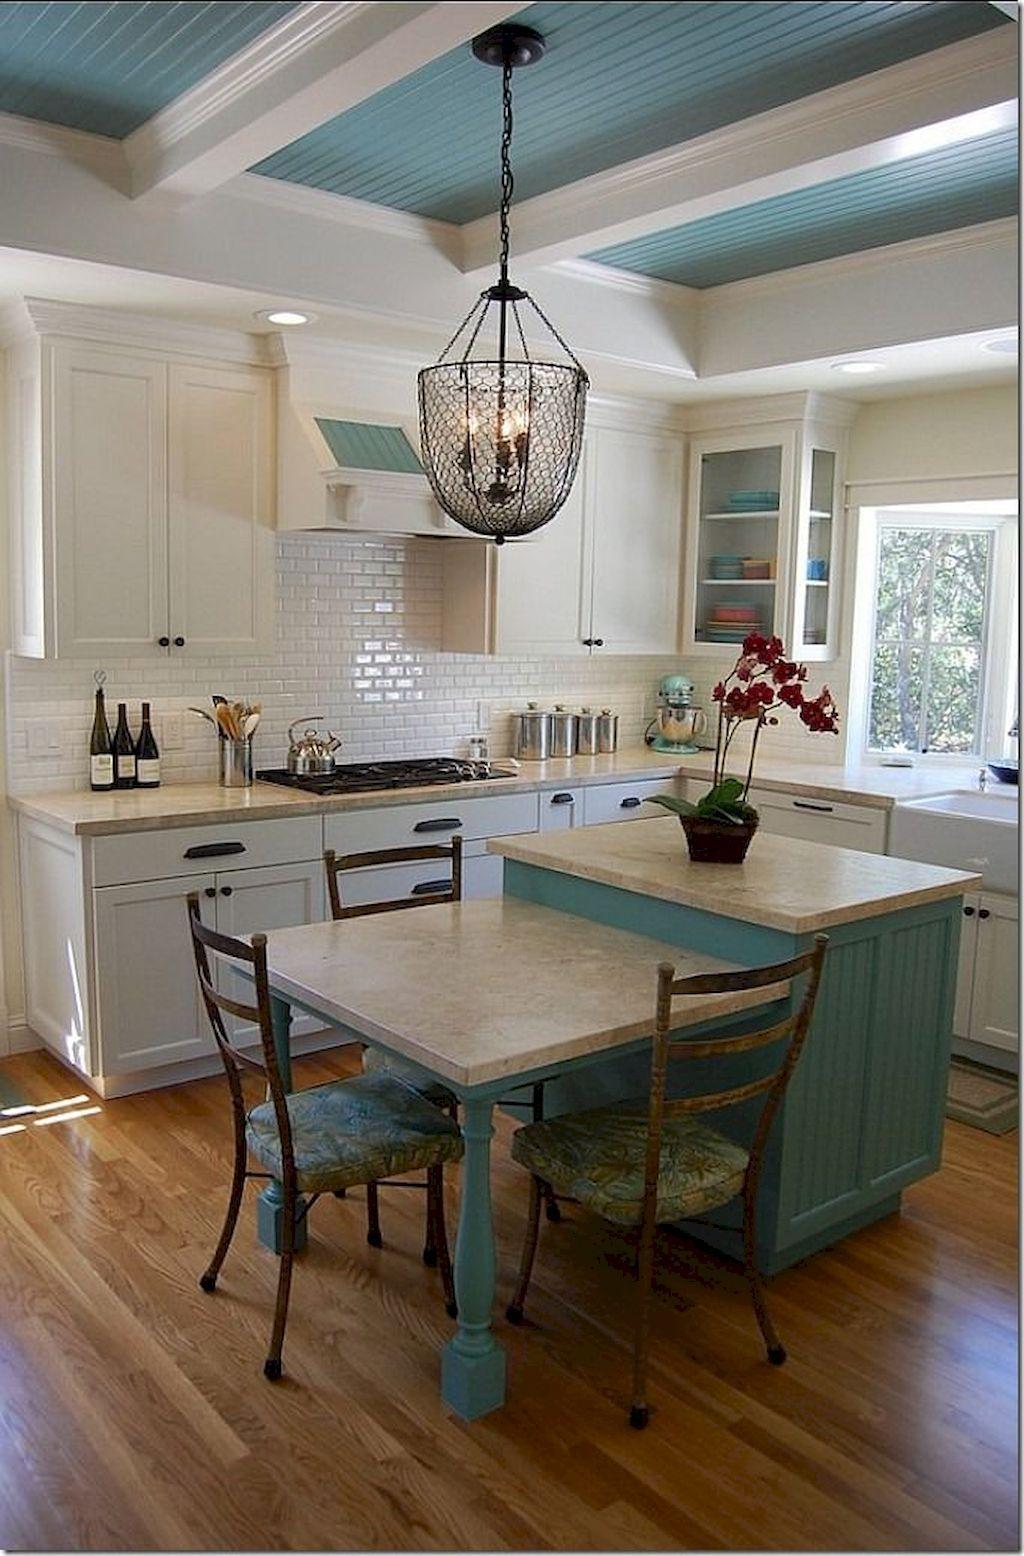 stunning small island kitchen table ideas home kitchens kitchen island table kitchen remodel on kitchen island ideas eat in id=51242